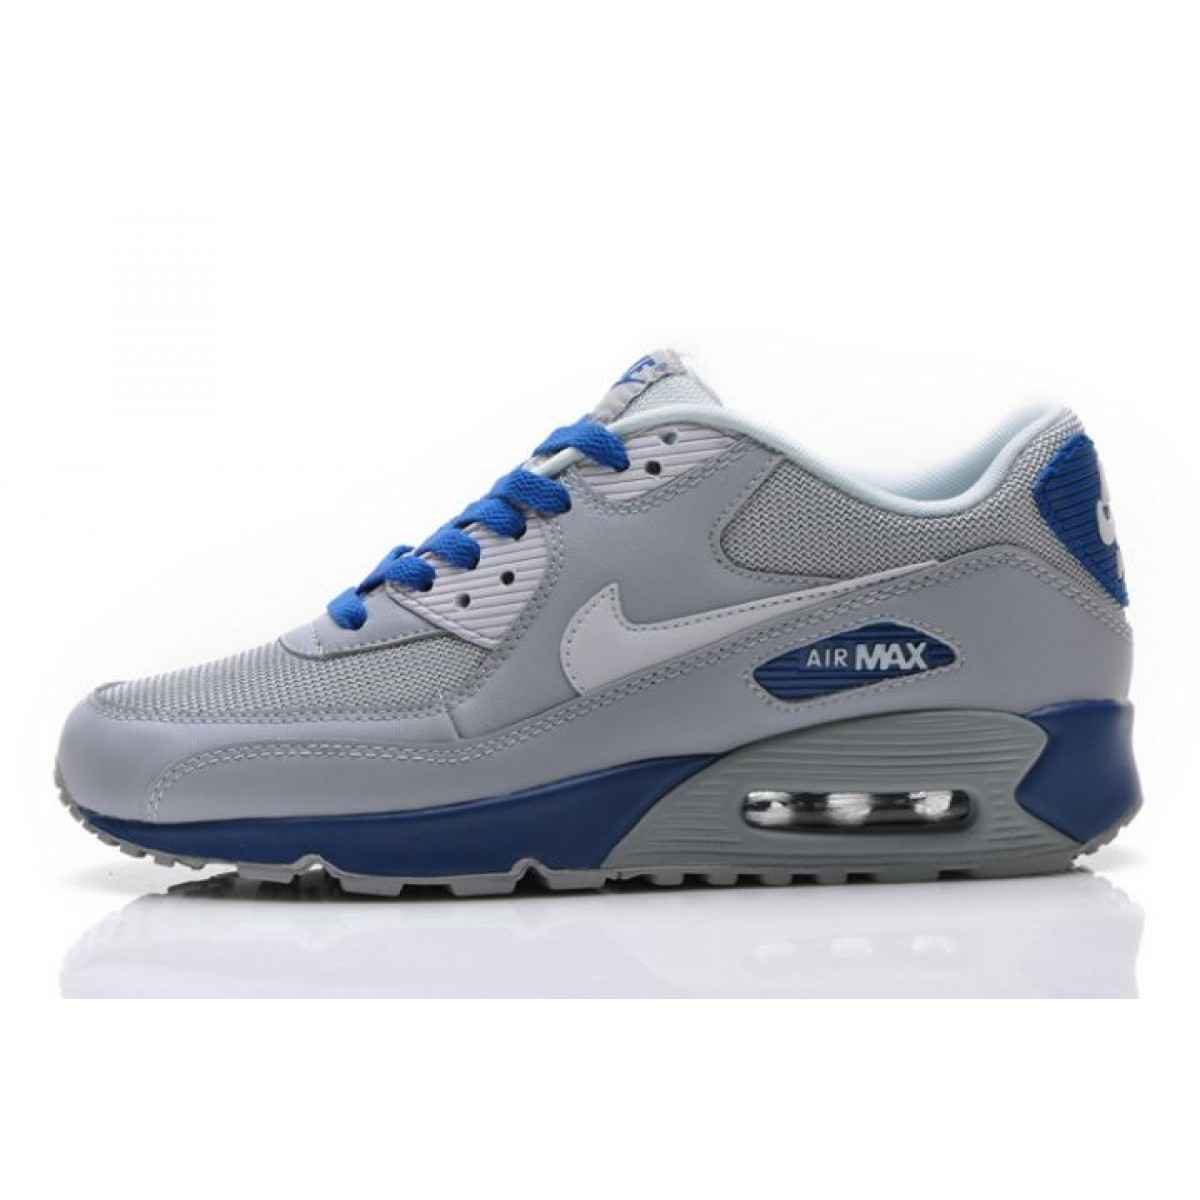 Achat / Vente produits Nike Air Max 90 Homme,Nike Air Max 90 Homme ...